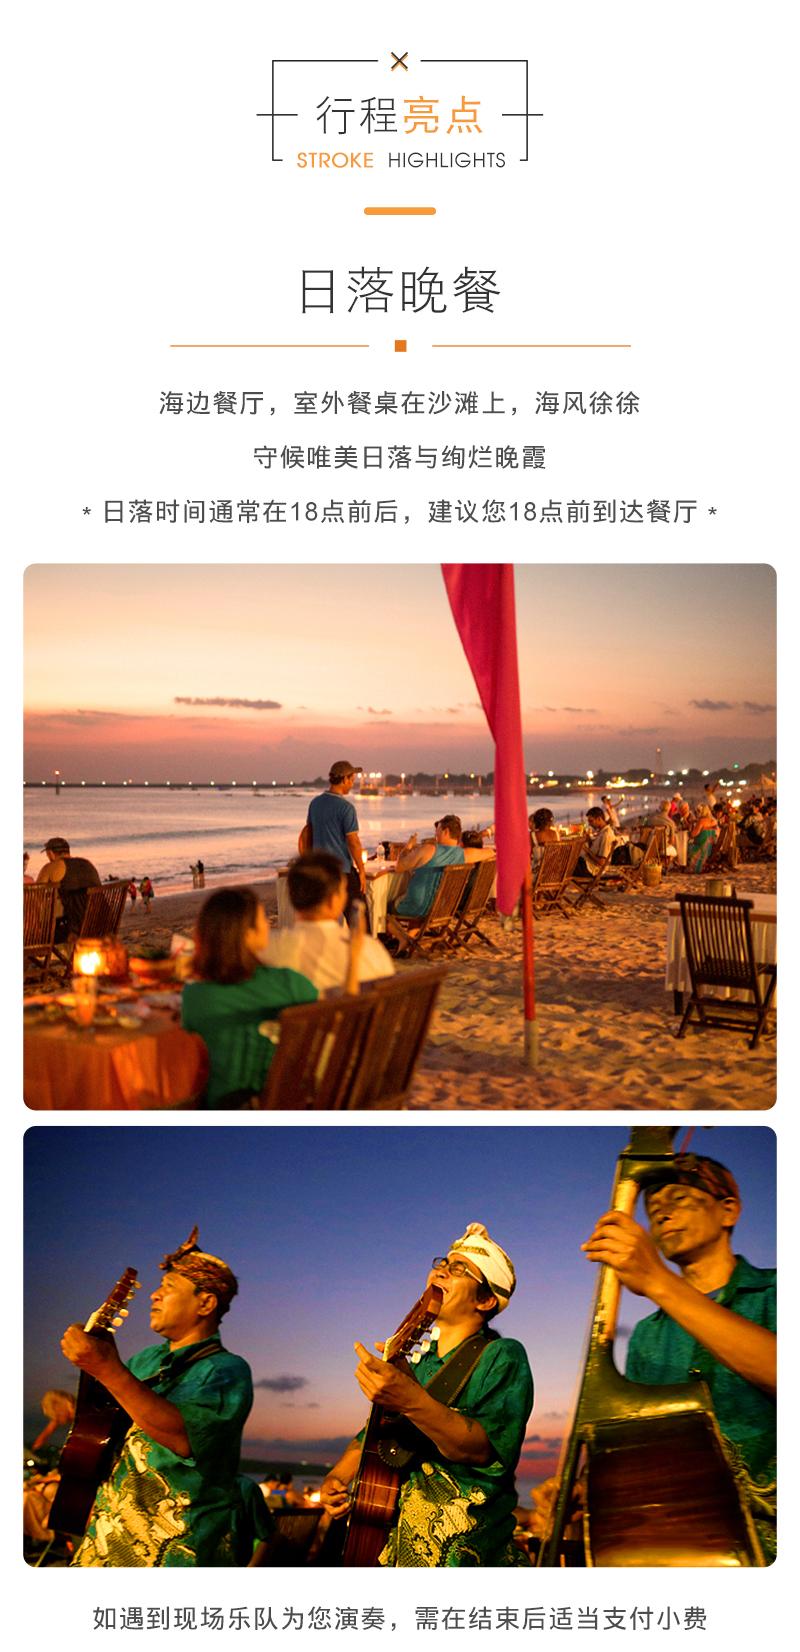 巴厘岛 金巴兰海鲜烧烤bbq晚餐(可选龙虾套餐/海鲜餐)